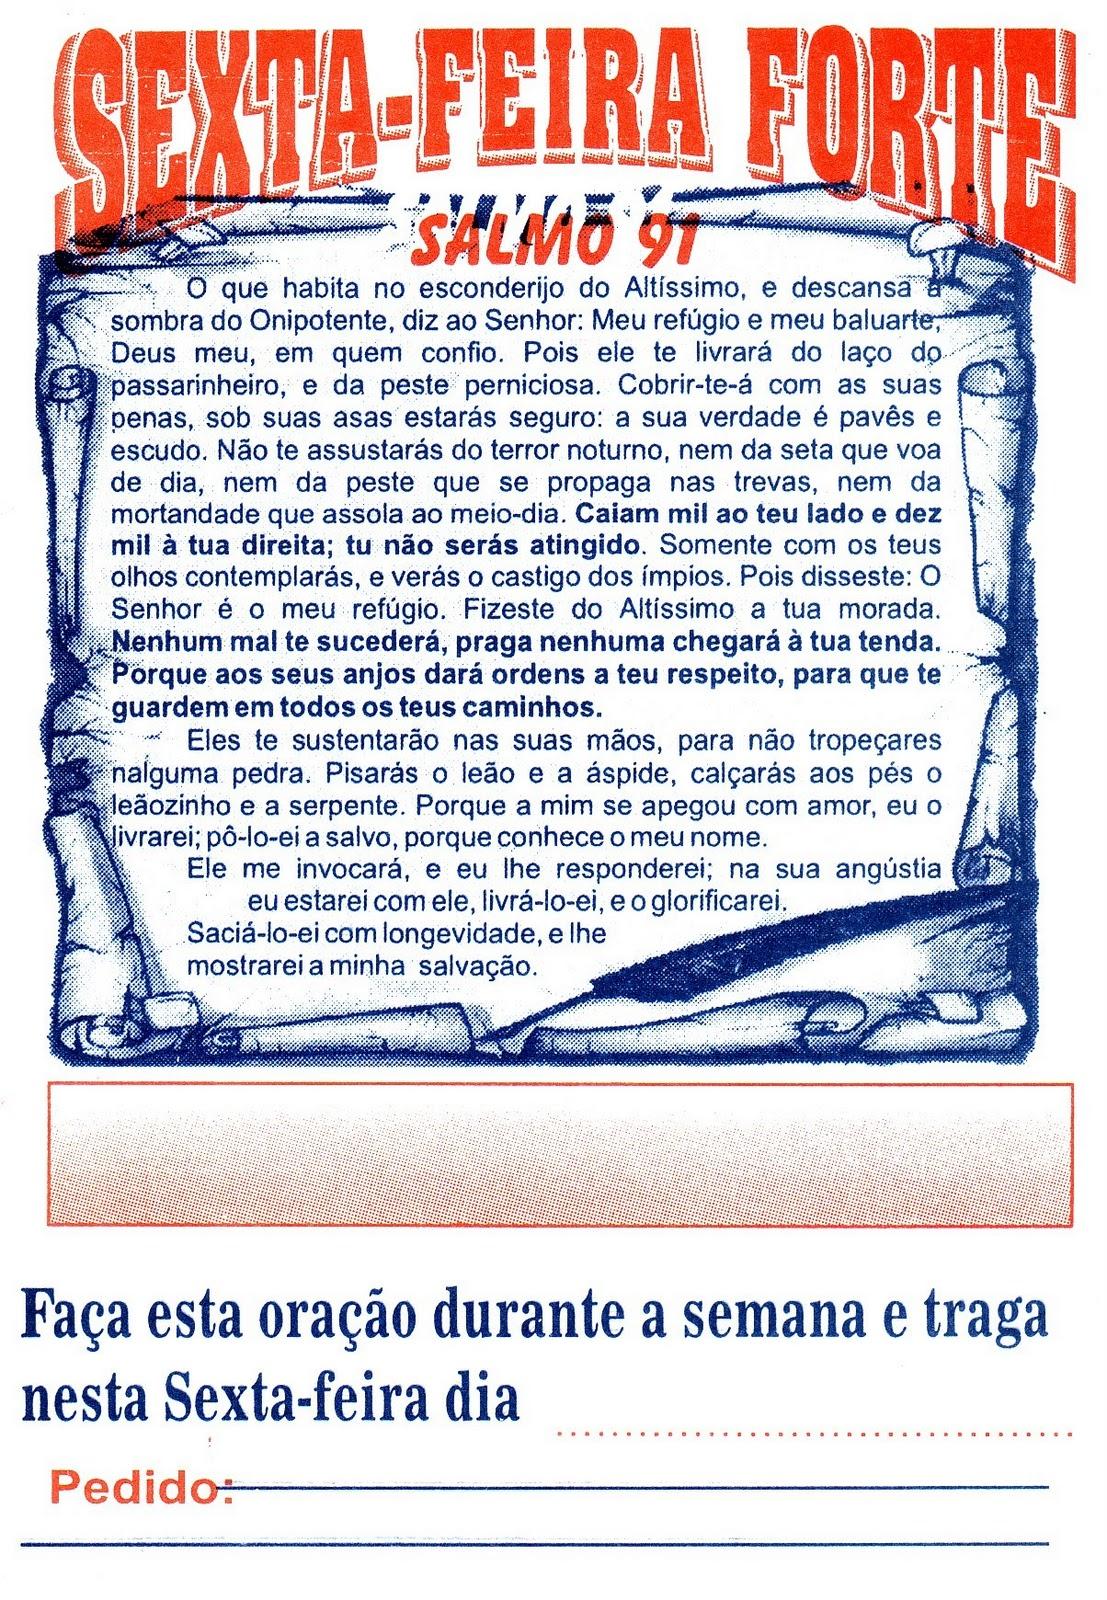 Conhecido NA SEXTA FEIRA FORTE- ORAÇÃO DA PROTEÇÃO DO SALMOS 91 FM15